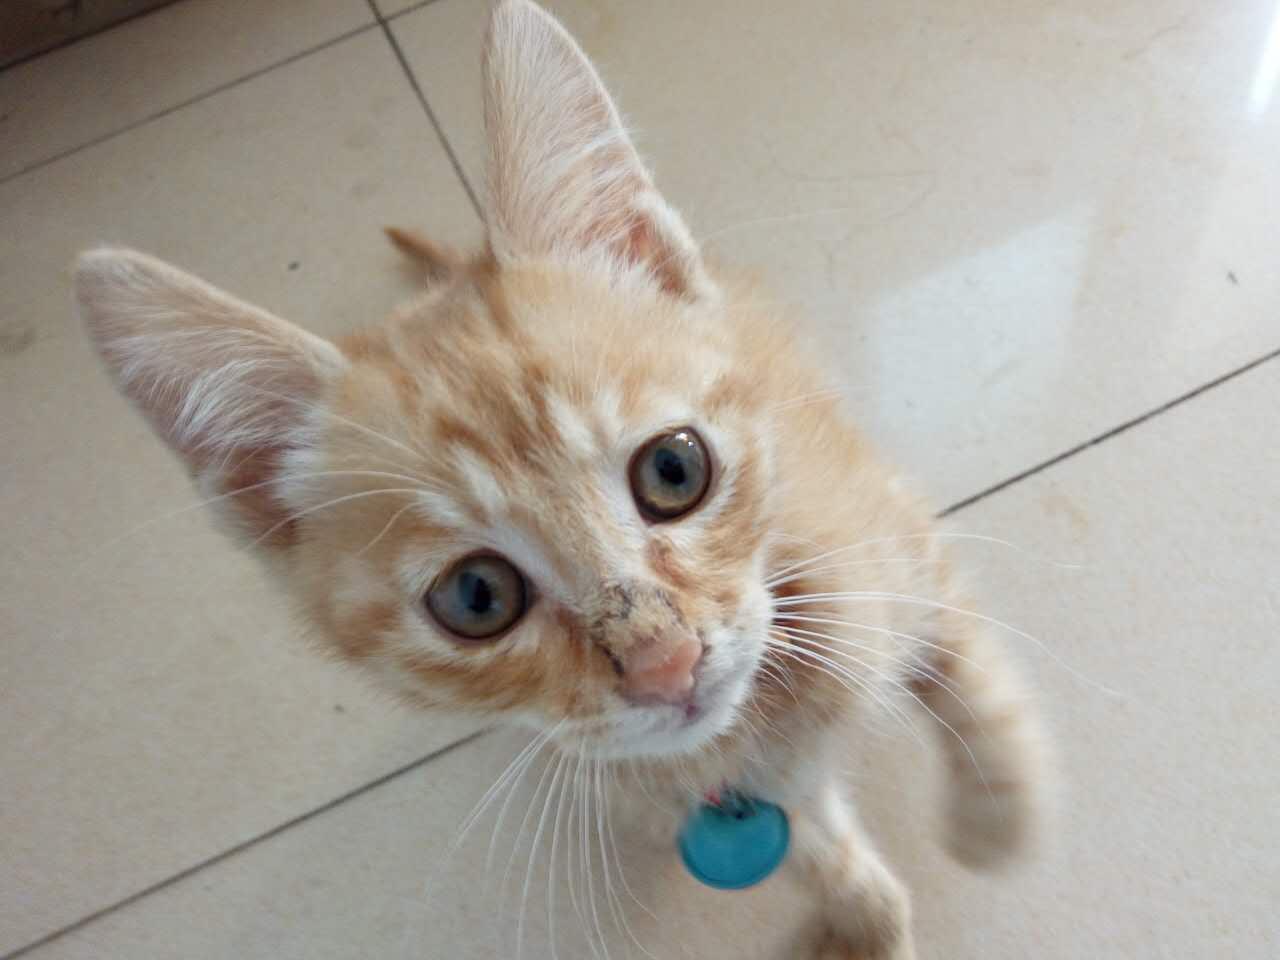 猫咪鼻子黑了一圈,有网友说是猫藓,请帮忙看下。